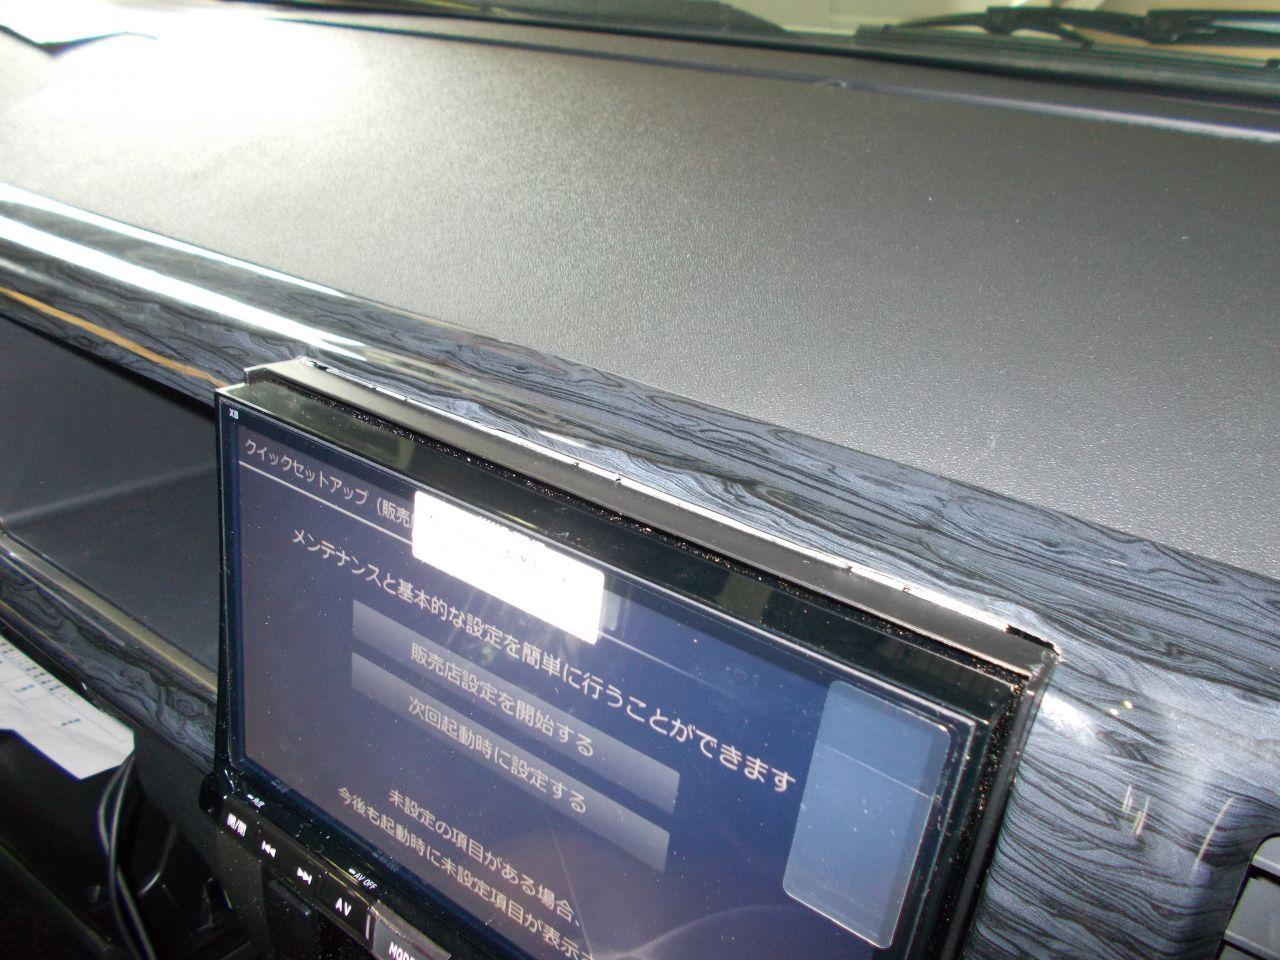 200系ハイエース・アルパイン8型ナビ取り付け (3)